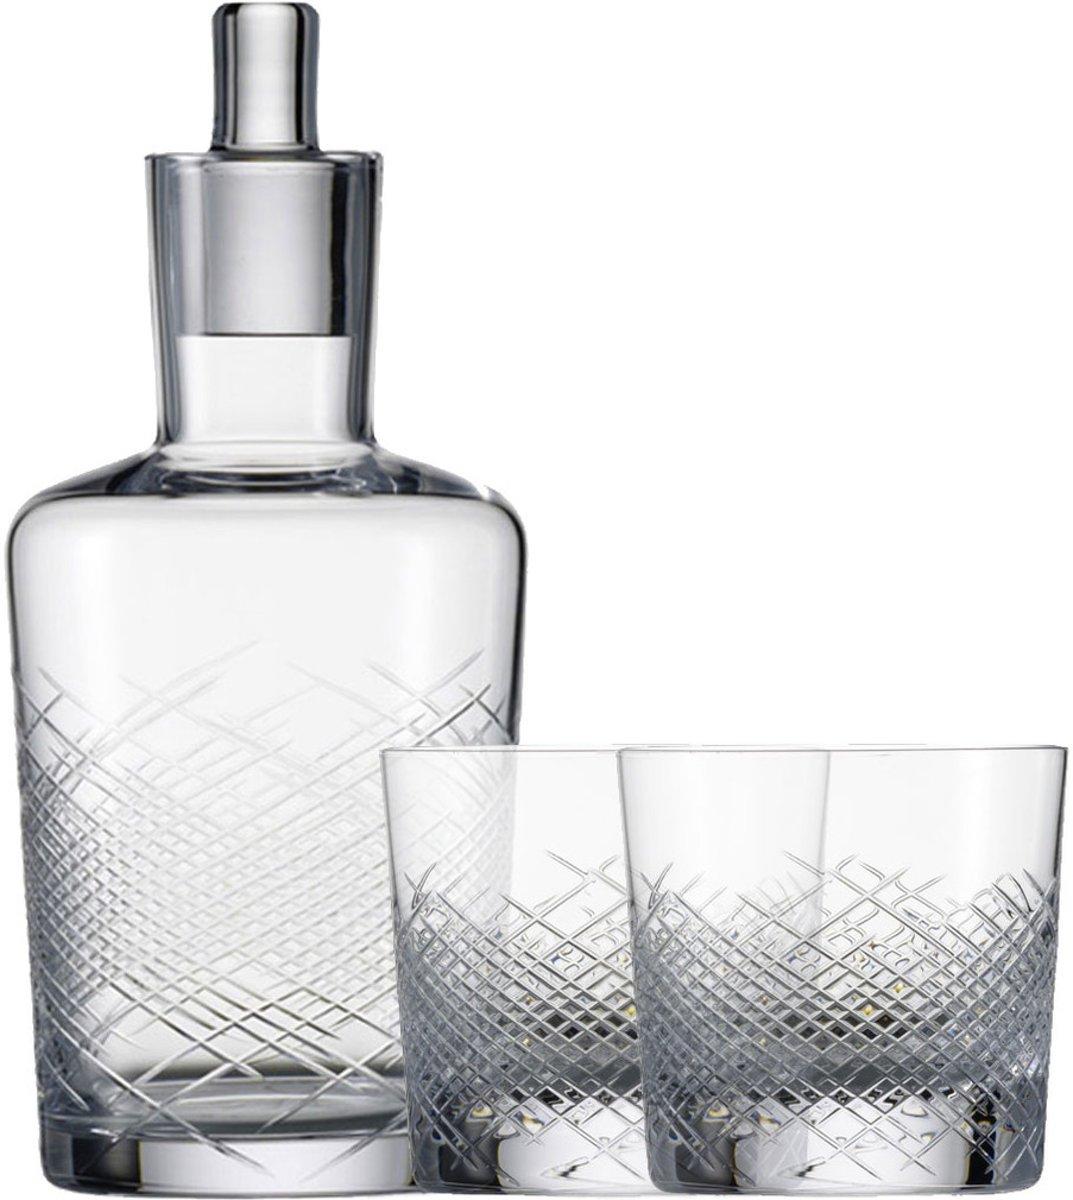 Zwiesel 1872 Hommage Comète Whisky set - 2 glazen + 1 karaf kopen